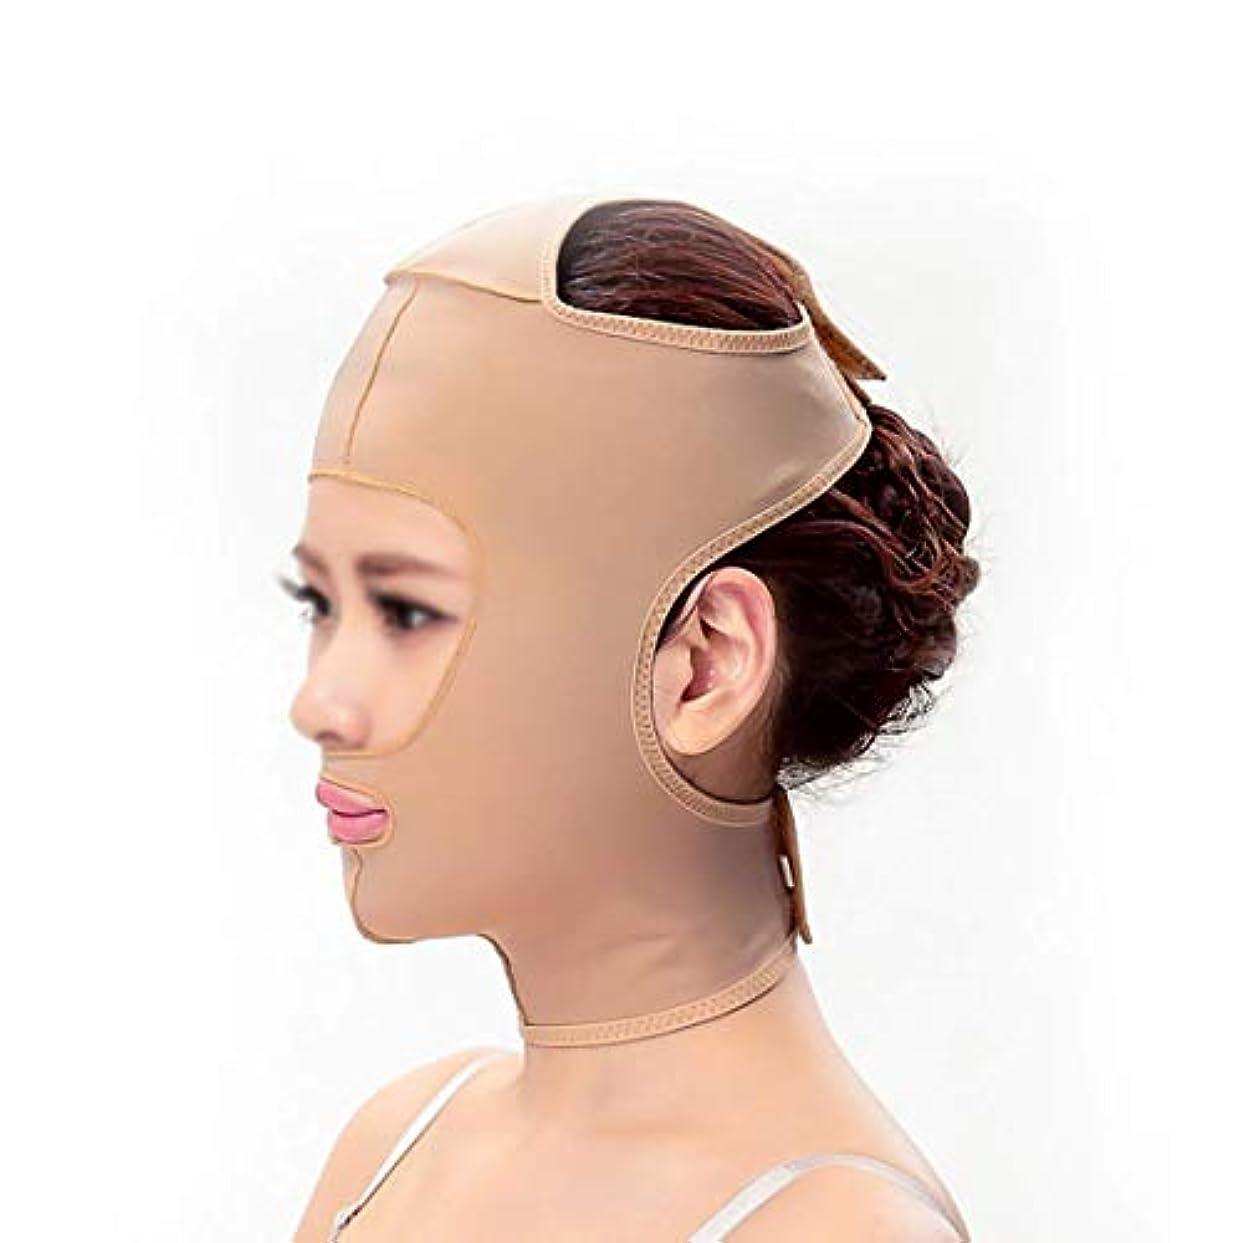 聖職者ワイヤーアーサーコナンドイルスリミングベルト、二重あごの引き締め顔面プラスチックフェイスアーティファクト強力なフェイスバンデージをサイズアップするために顔面マスクシンフェイスマスク,M